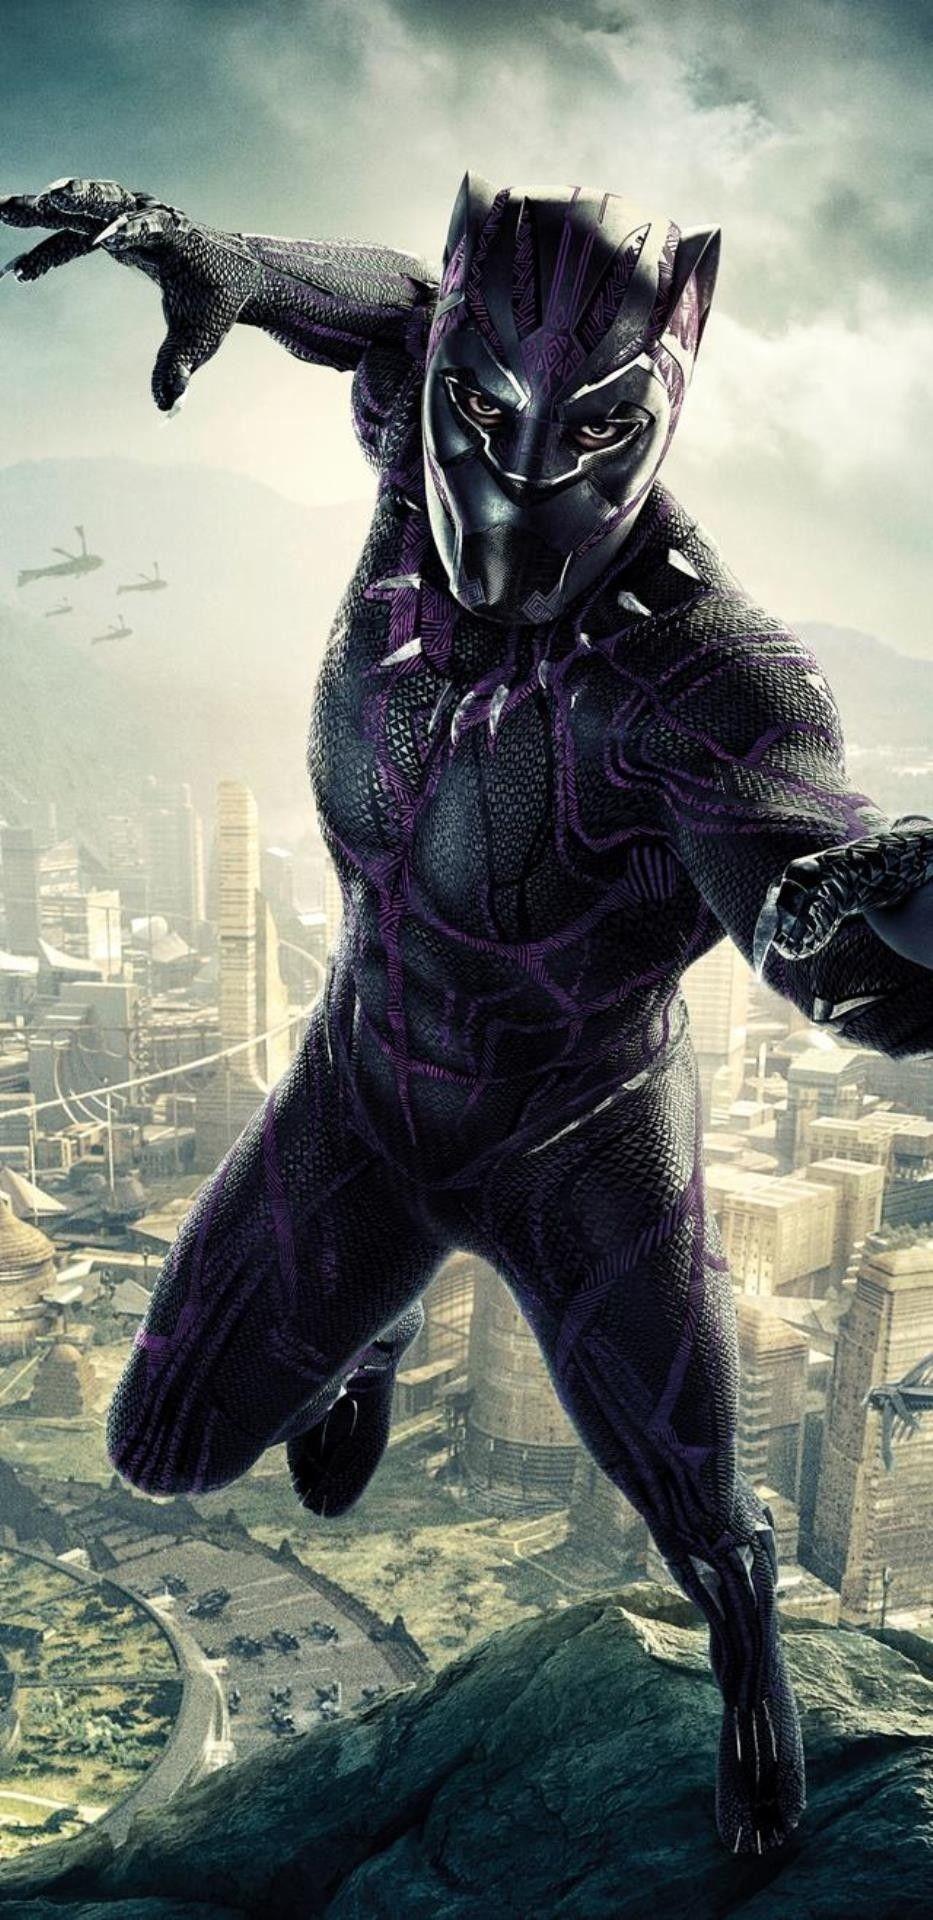 Black Panther Black Panther Hd Wallpaper Black Panther Black Panther Chadwick Boseman